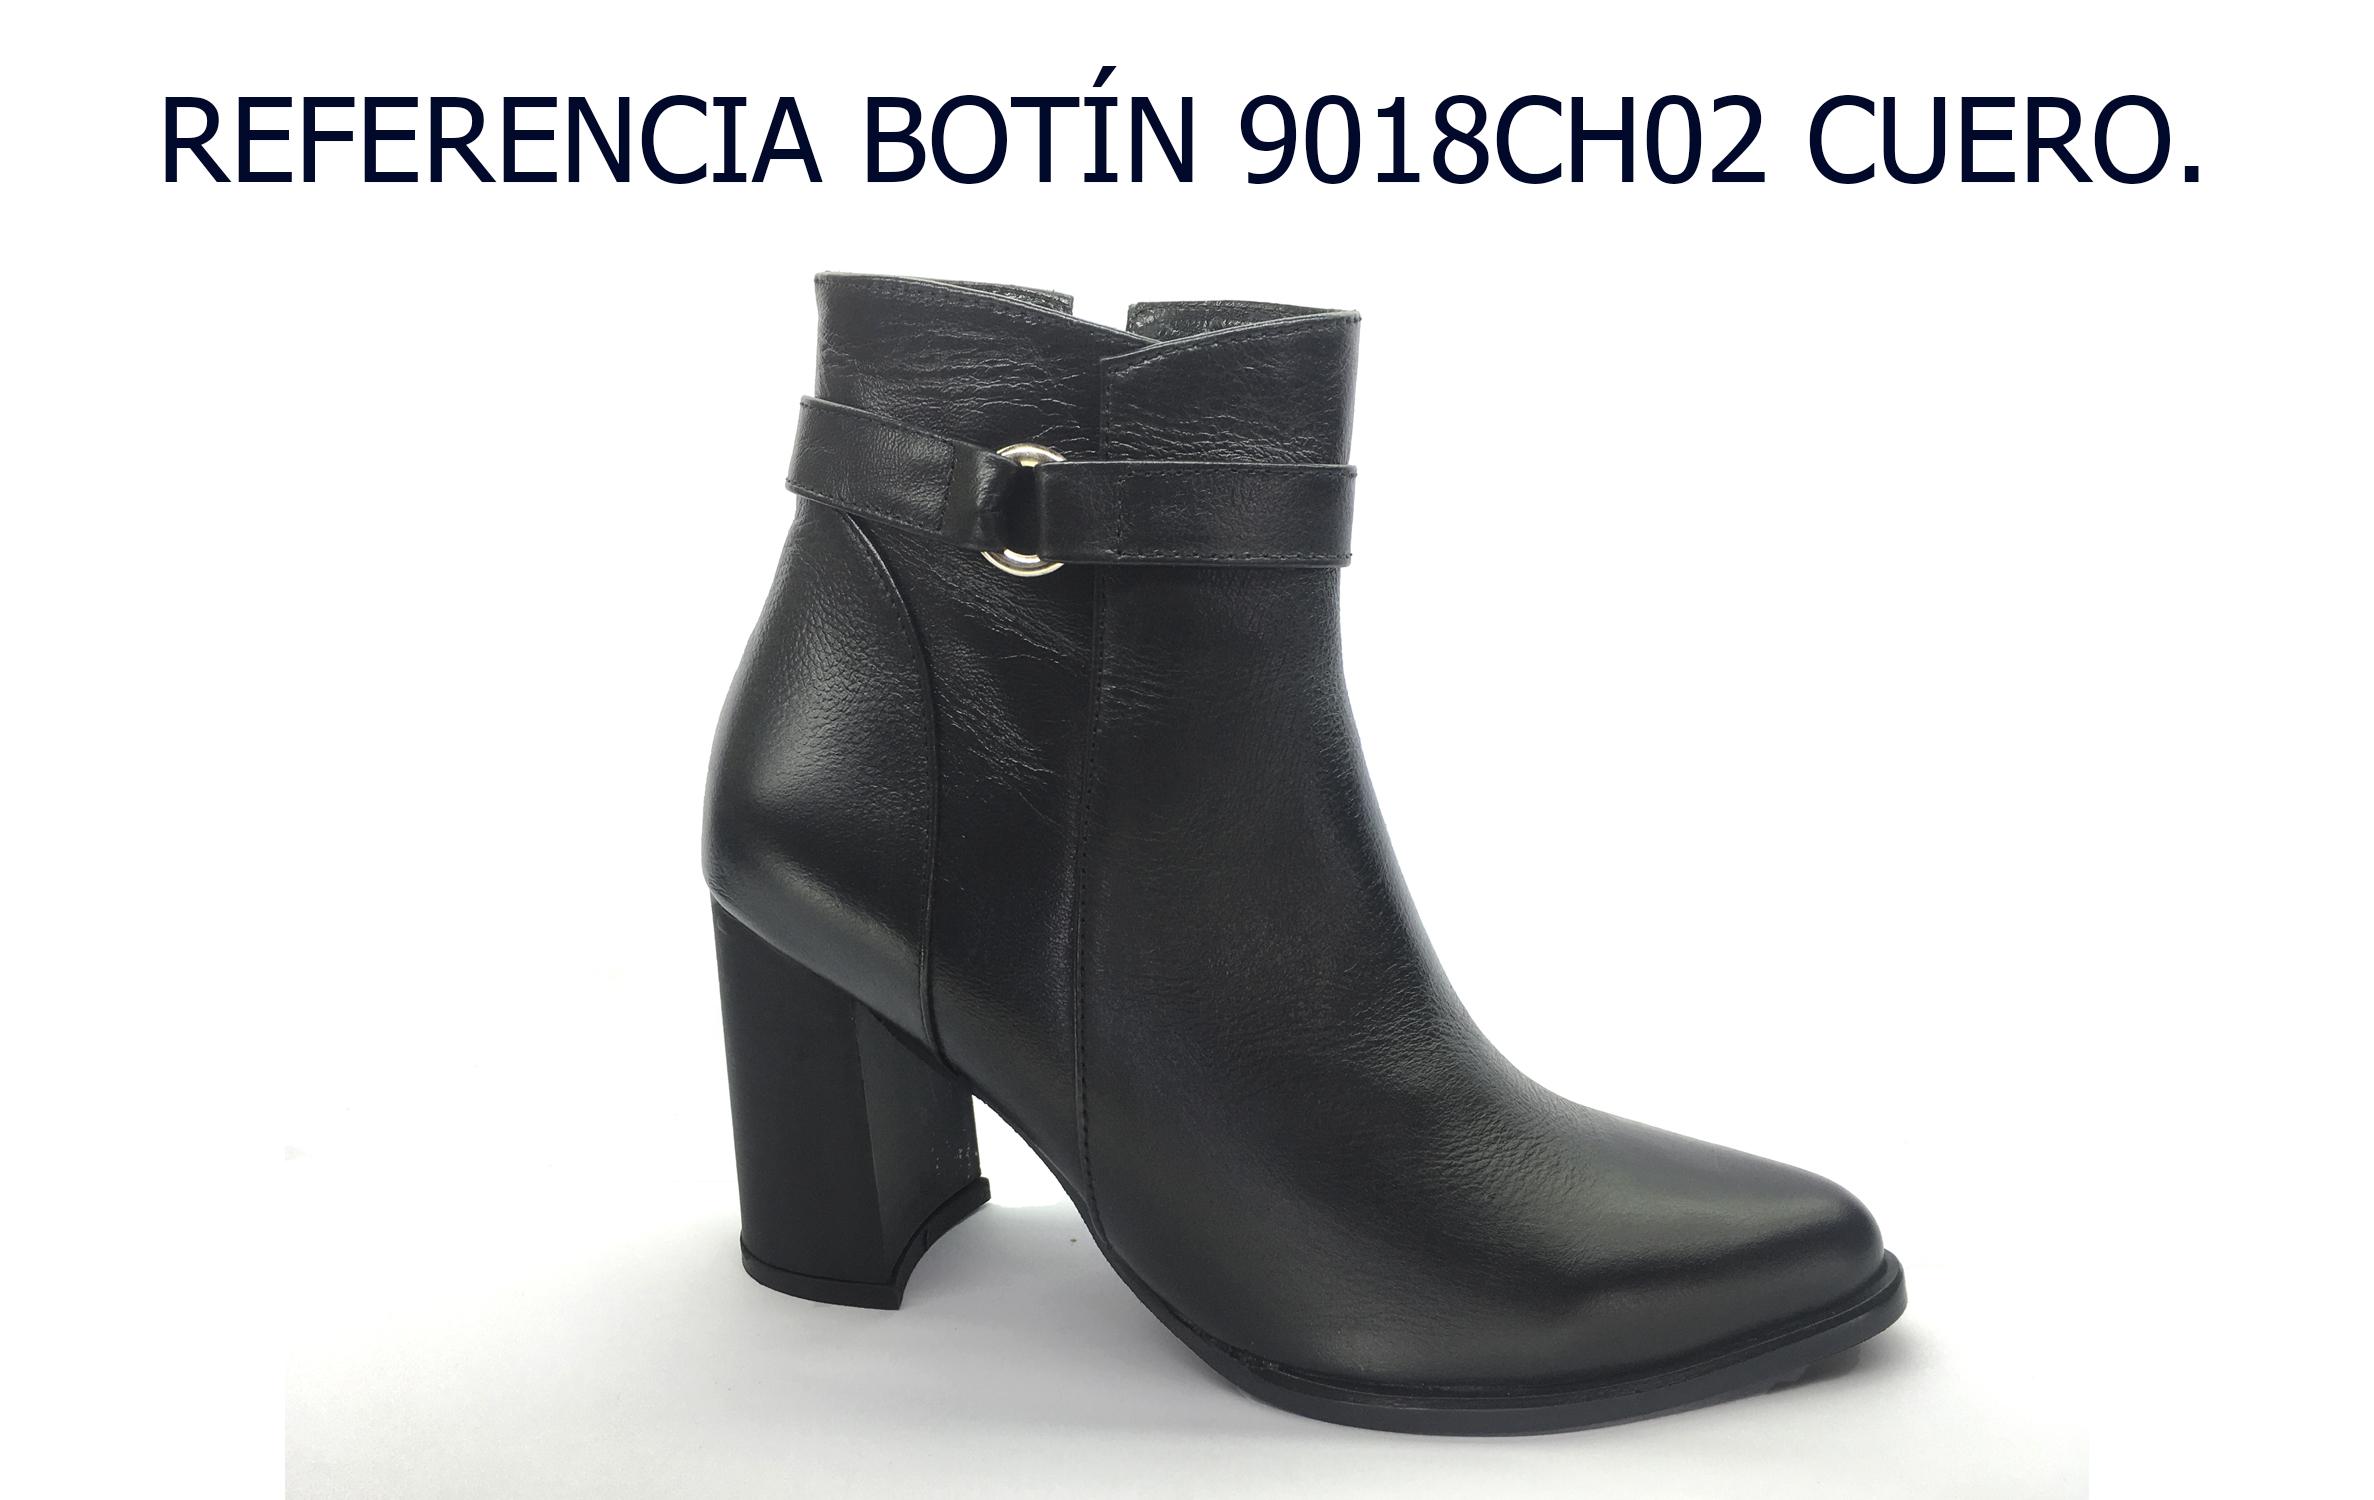 BOTIN 9018CH02 CUERO